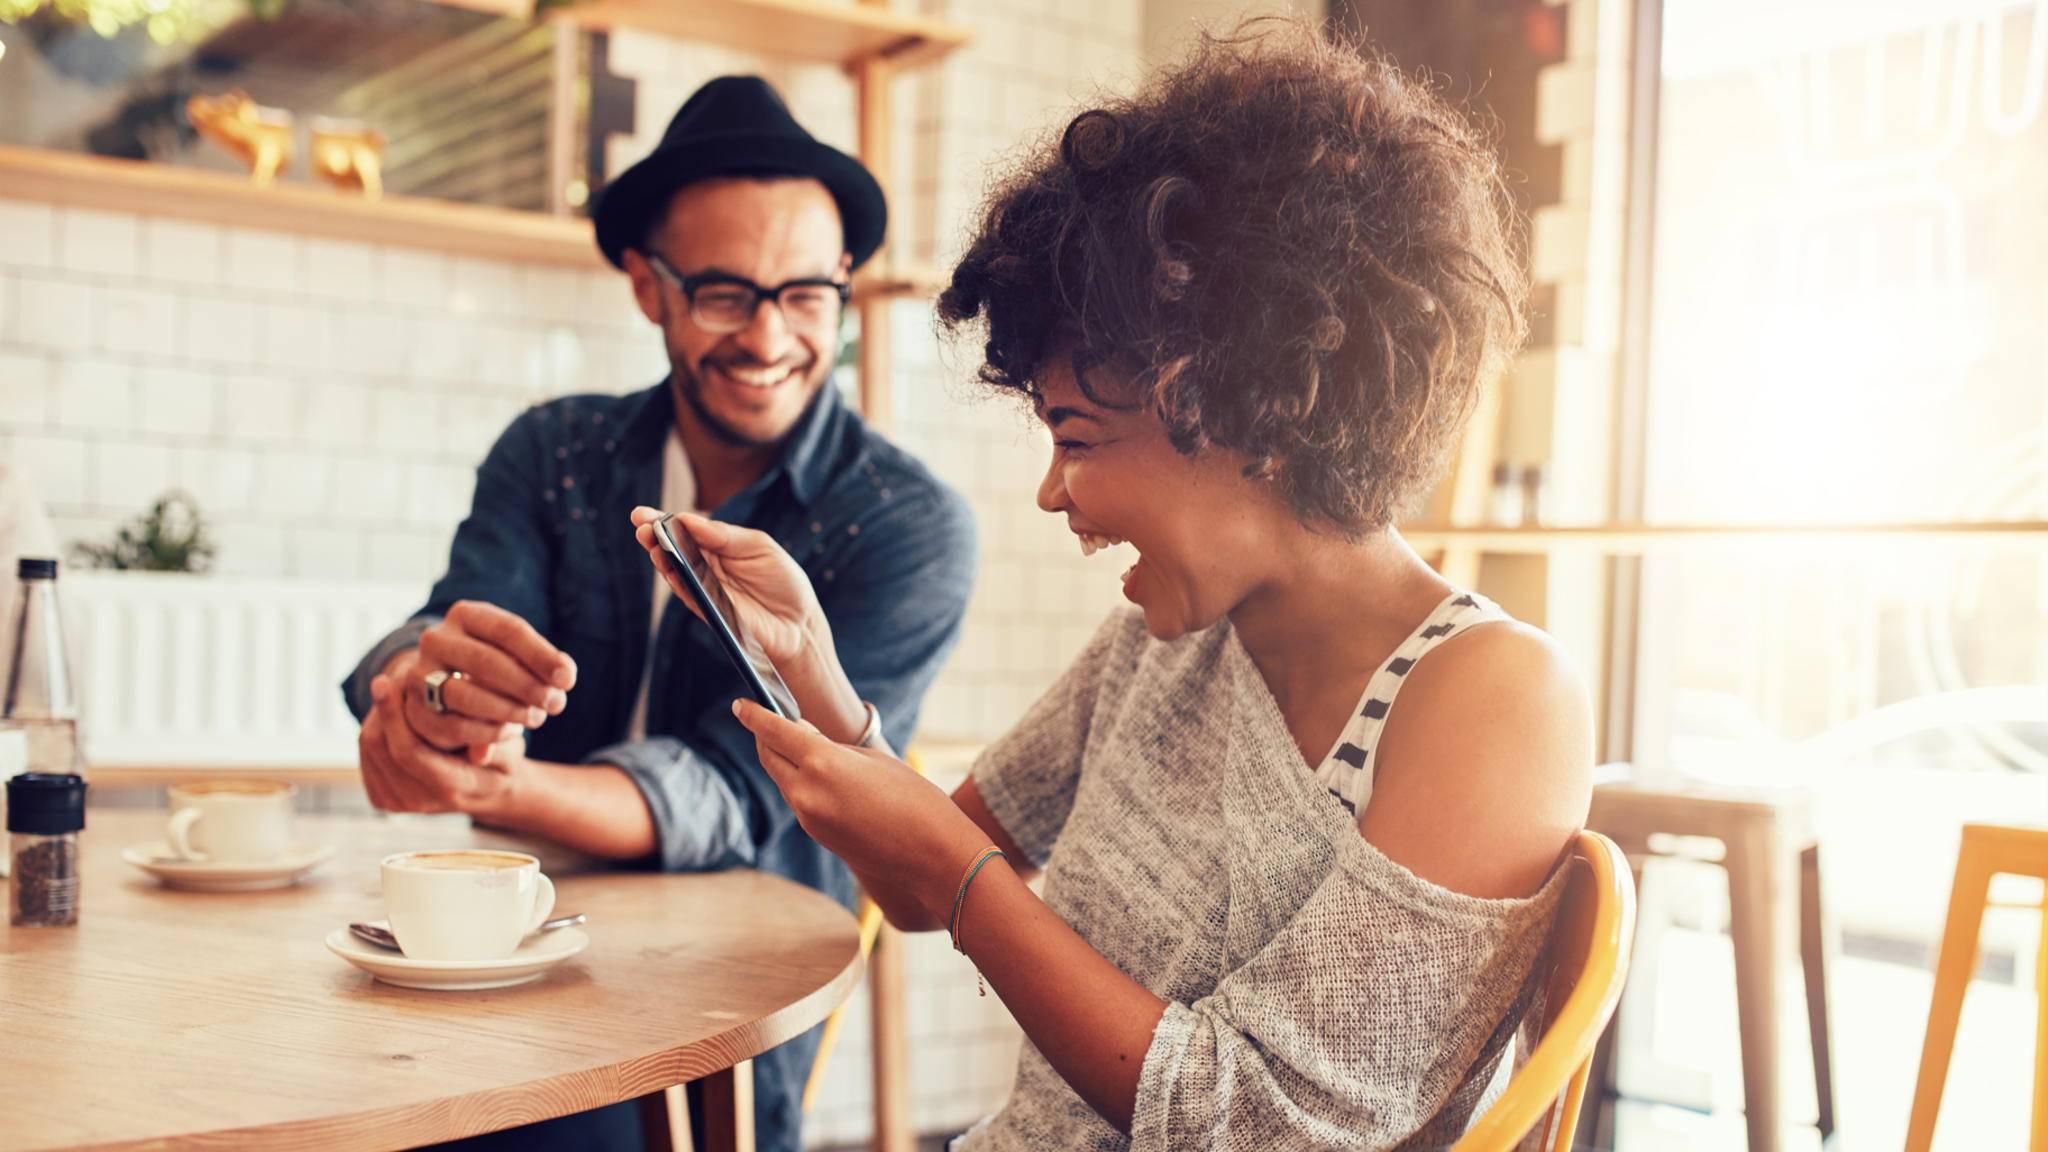 Die gemeinsame Vorliebe für ein bestimmtes Café kann Menschen verbinden.